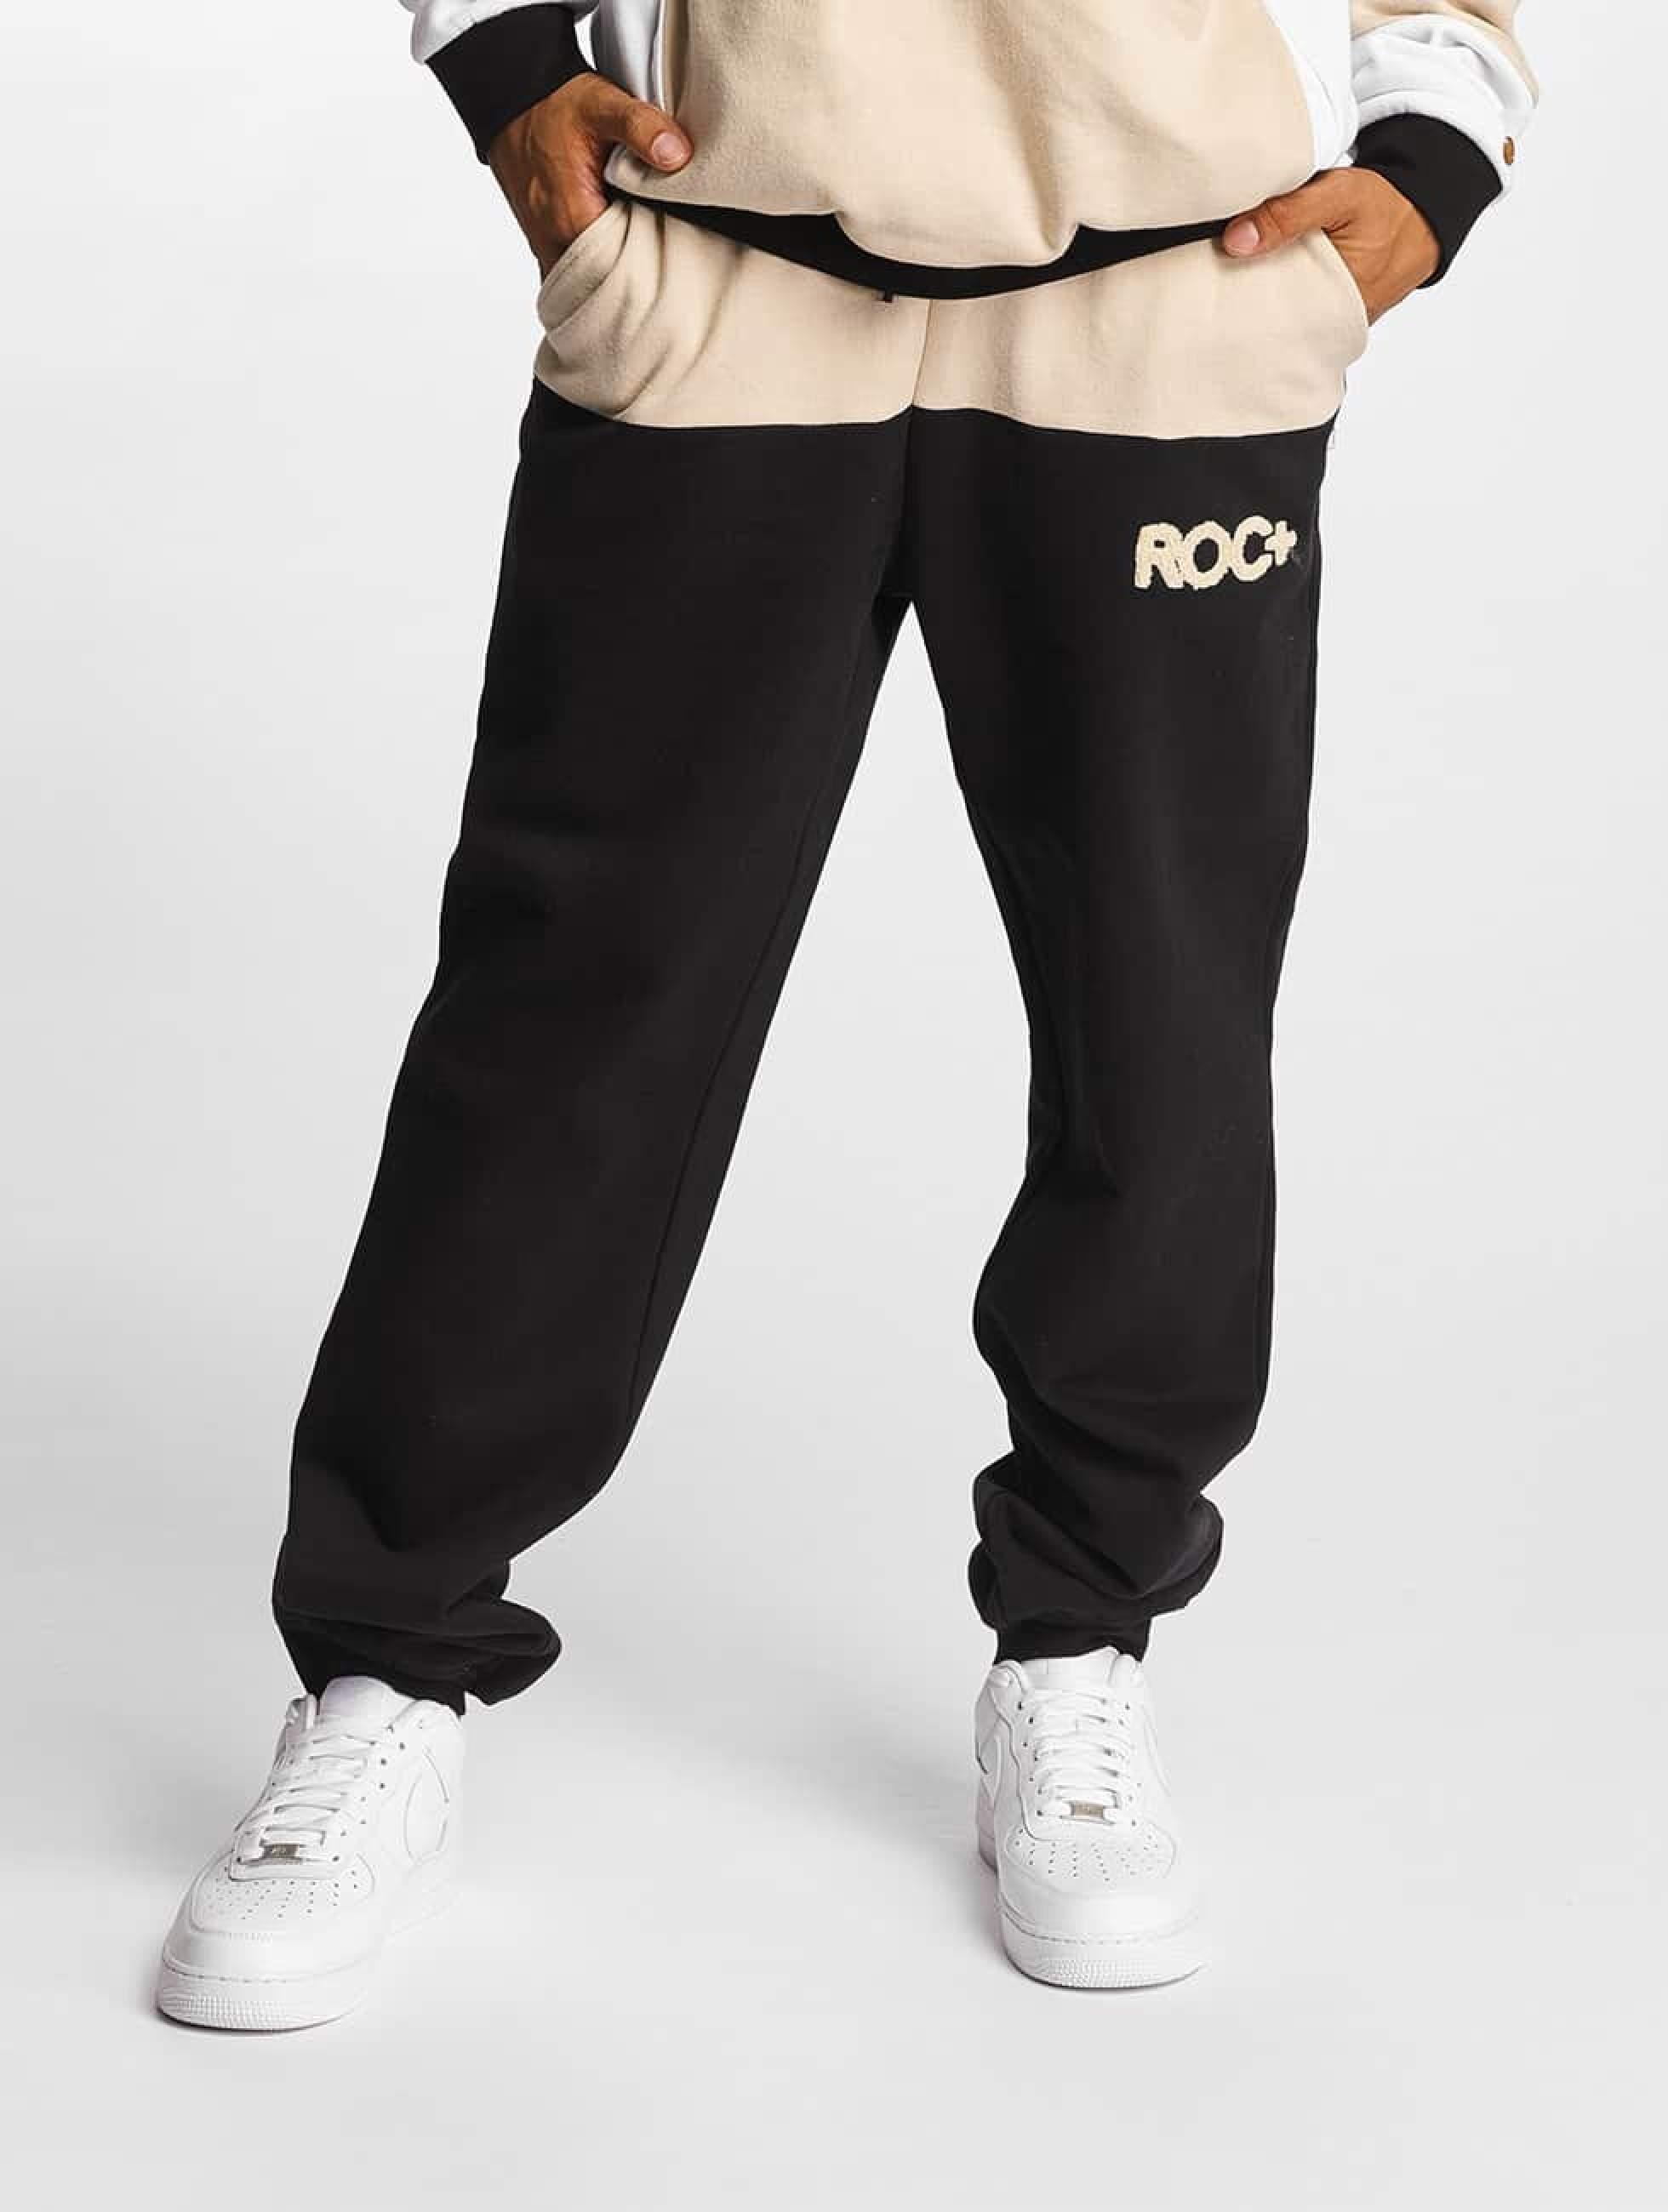 Rocawear / Sweat Pant Retro Sport Fleece in black S